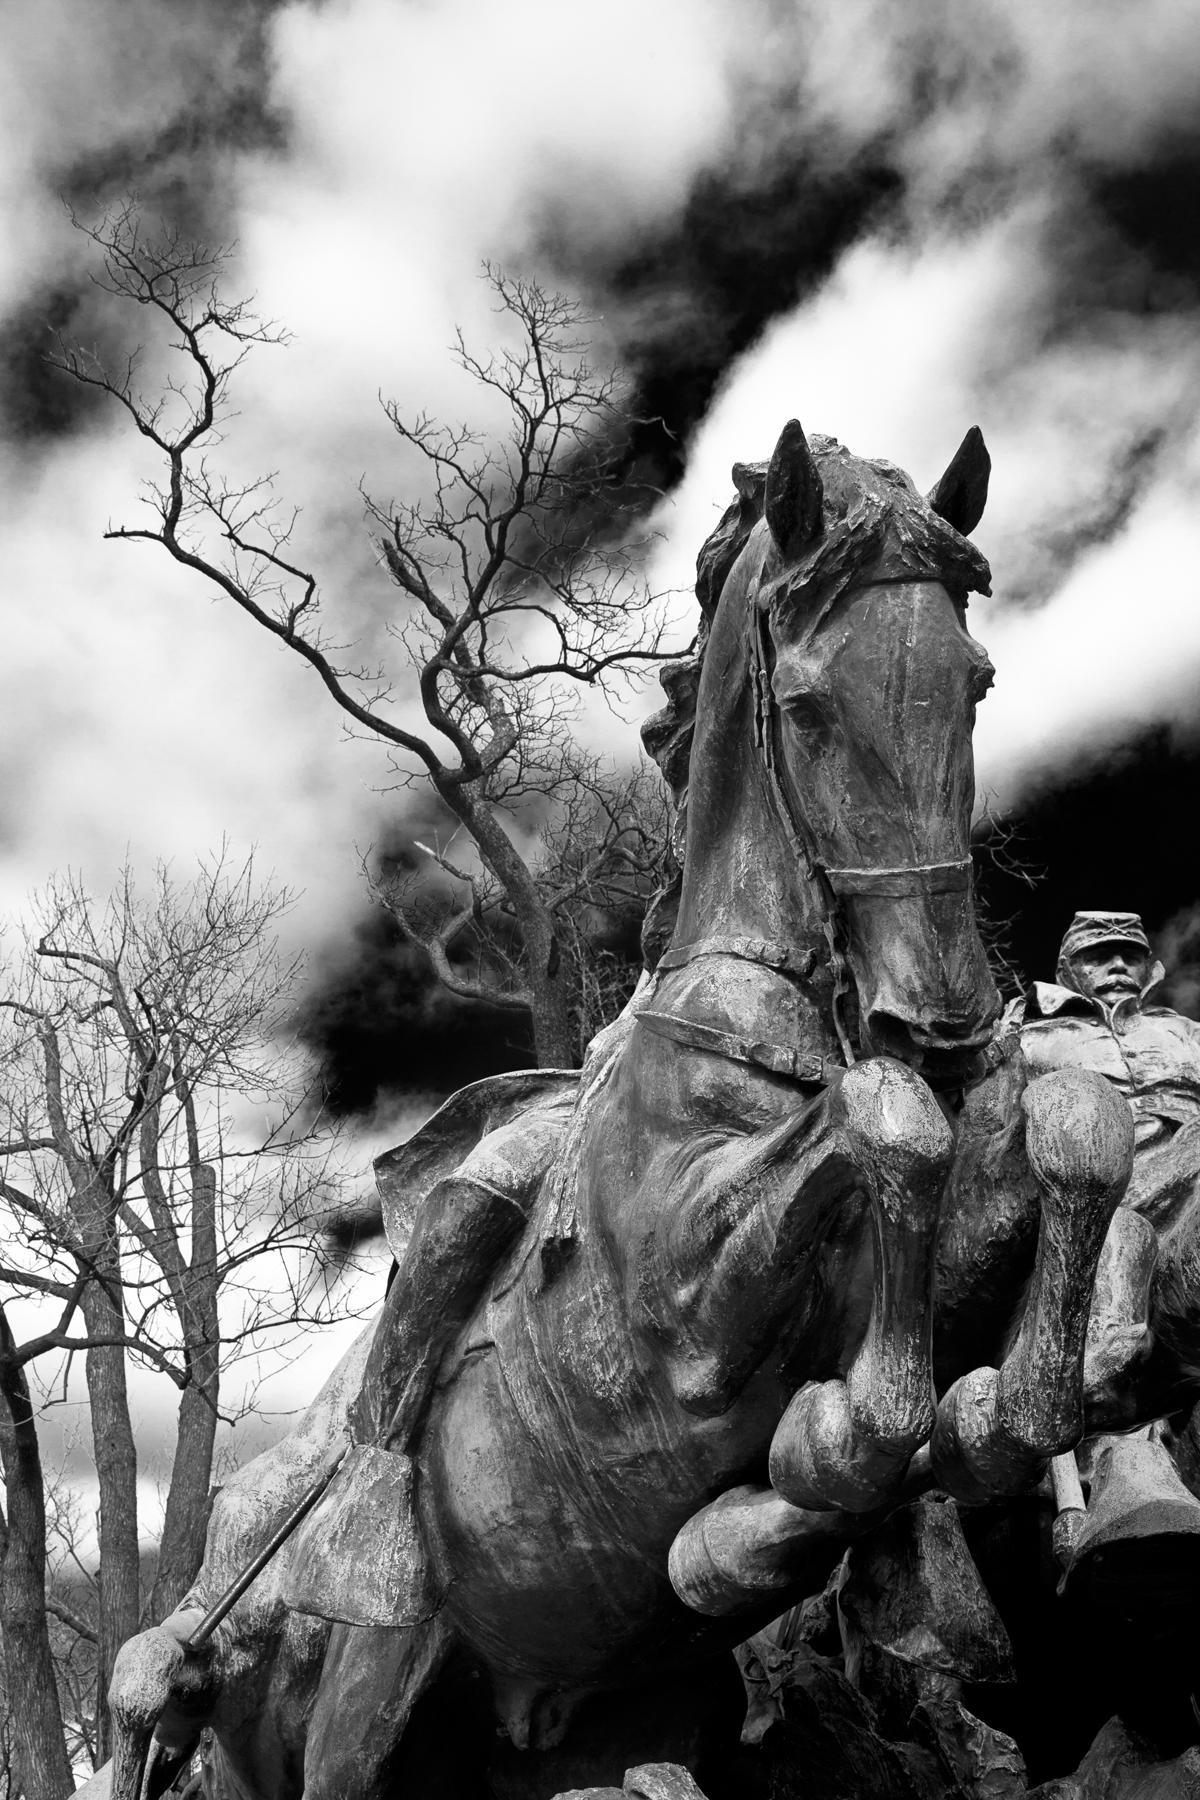 Grant cavalry statue - black & white photo